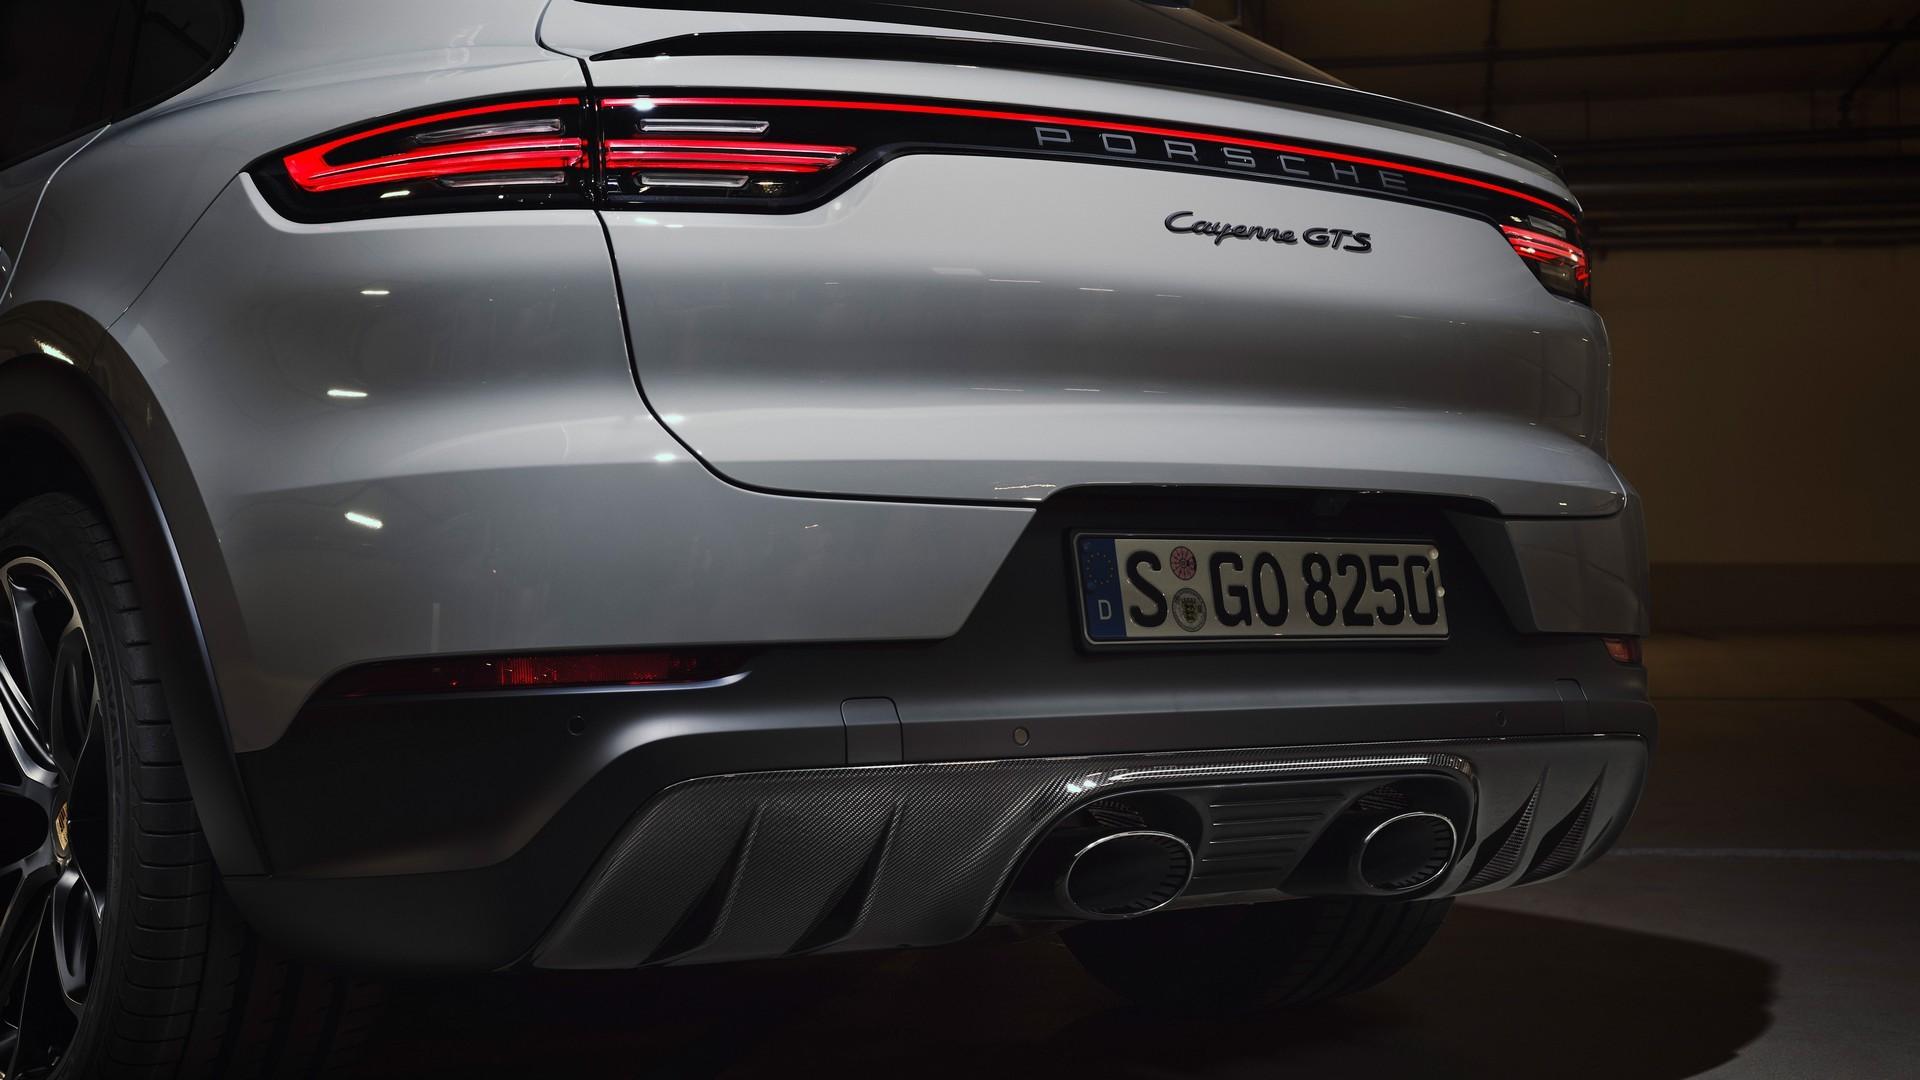 Porsche Cayenne Gts 2020 5